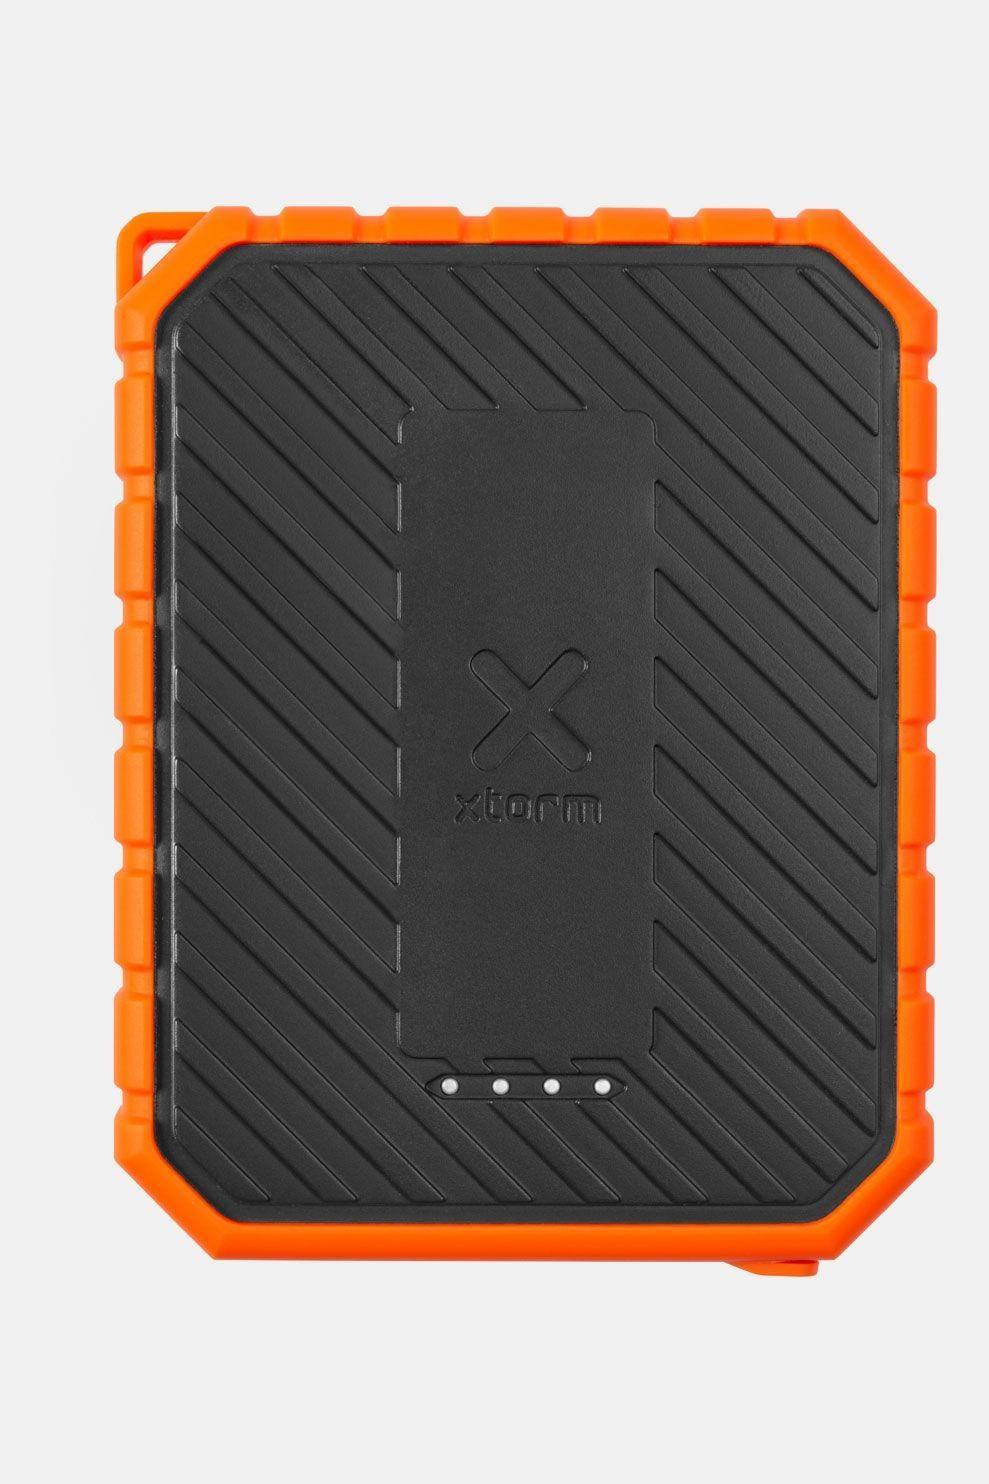 Xtorm SolarBooster 21 Watt zonnepaneel incl. outdoor PD Power Bank Zwart/Oranje